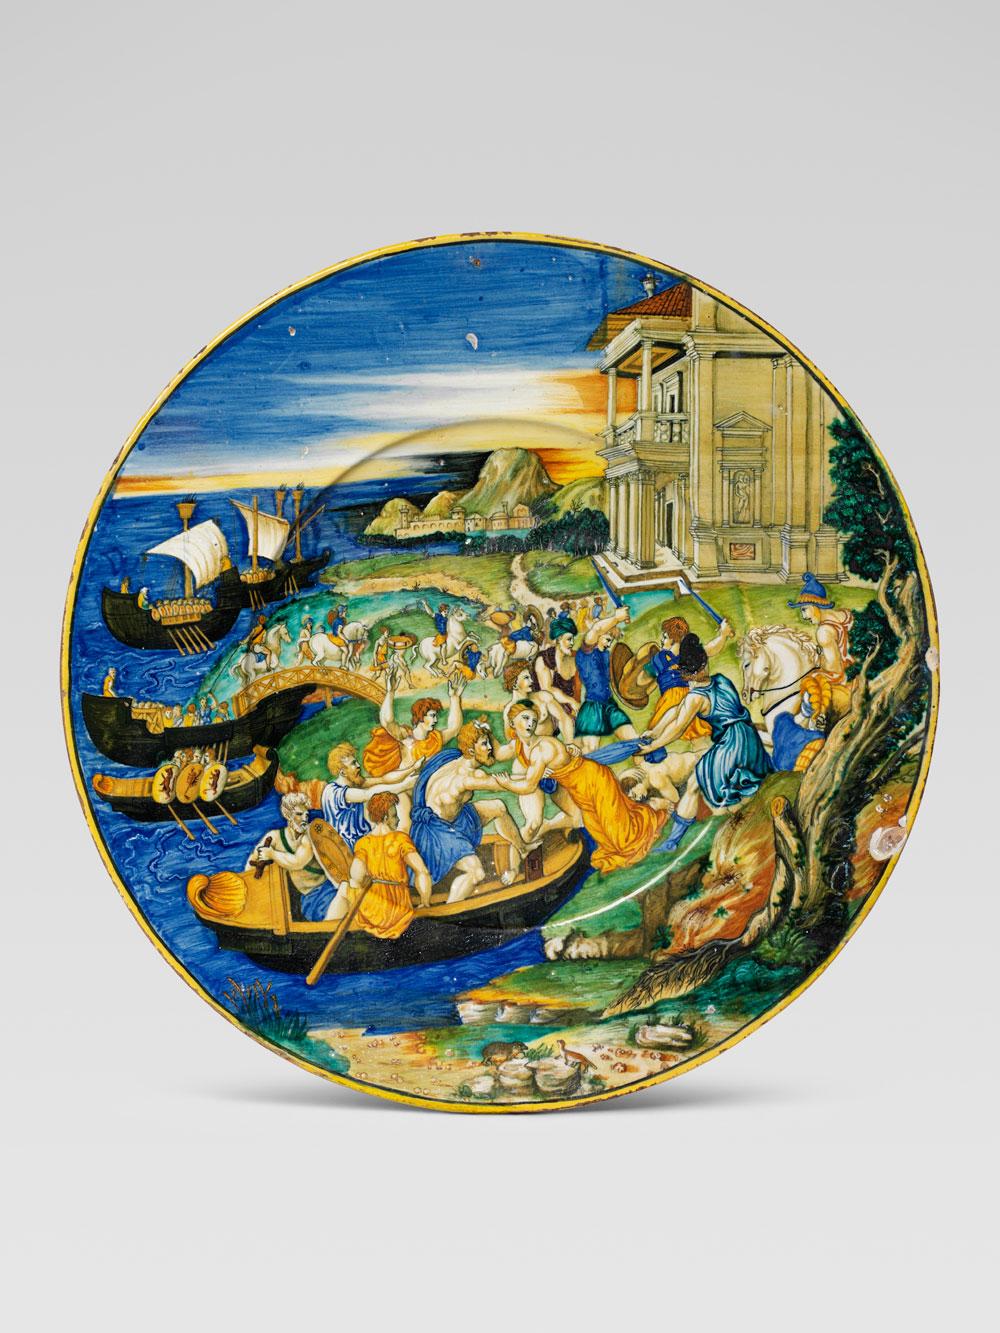 La storia della maiolica italiana rinascimentale raccontata in una mostra a Torino